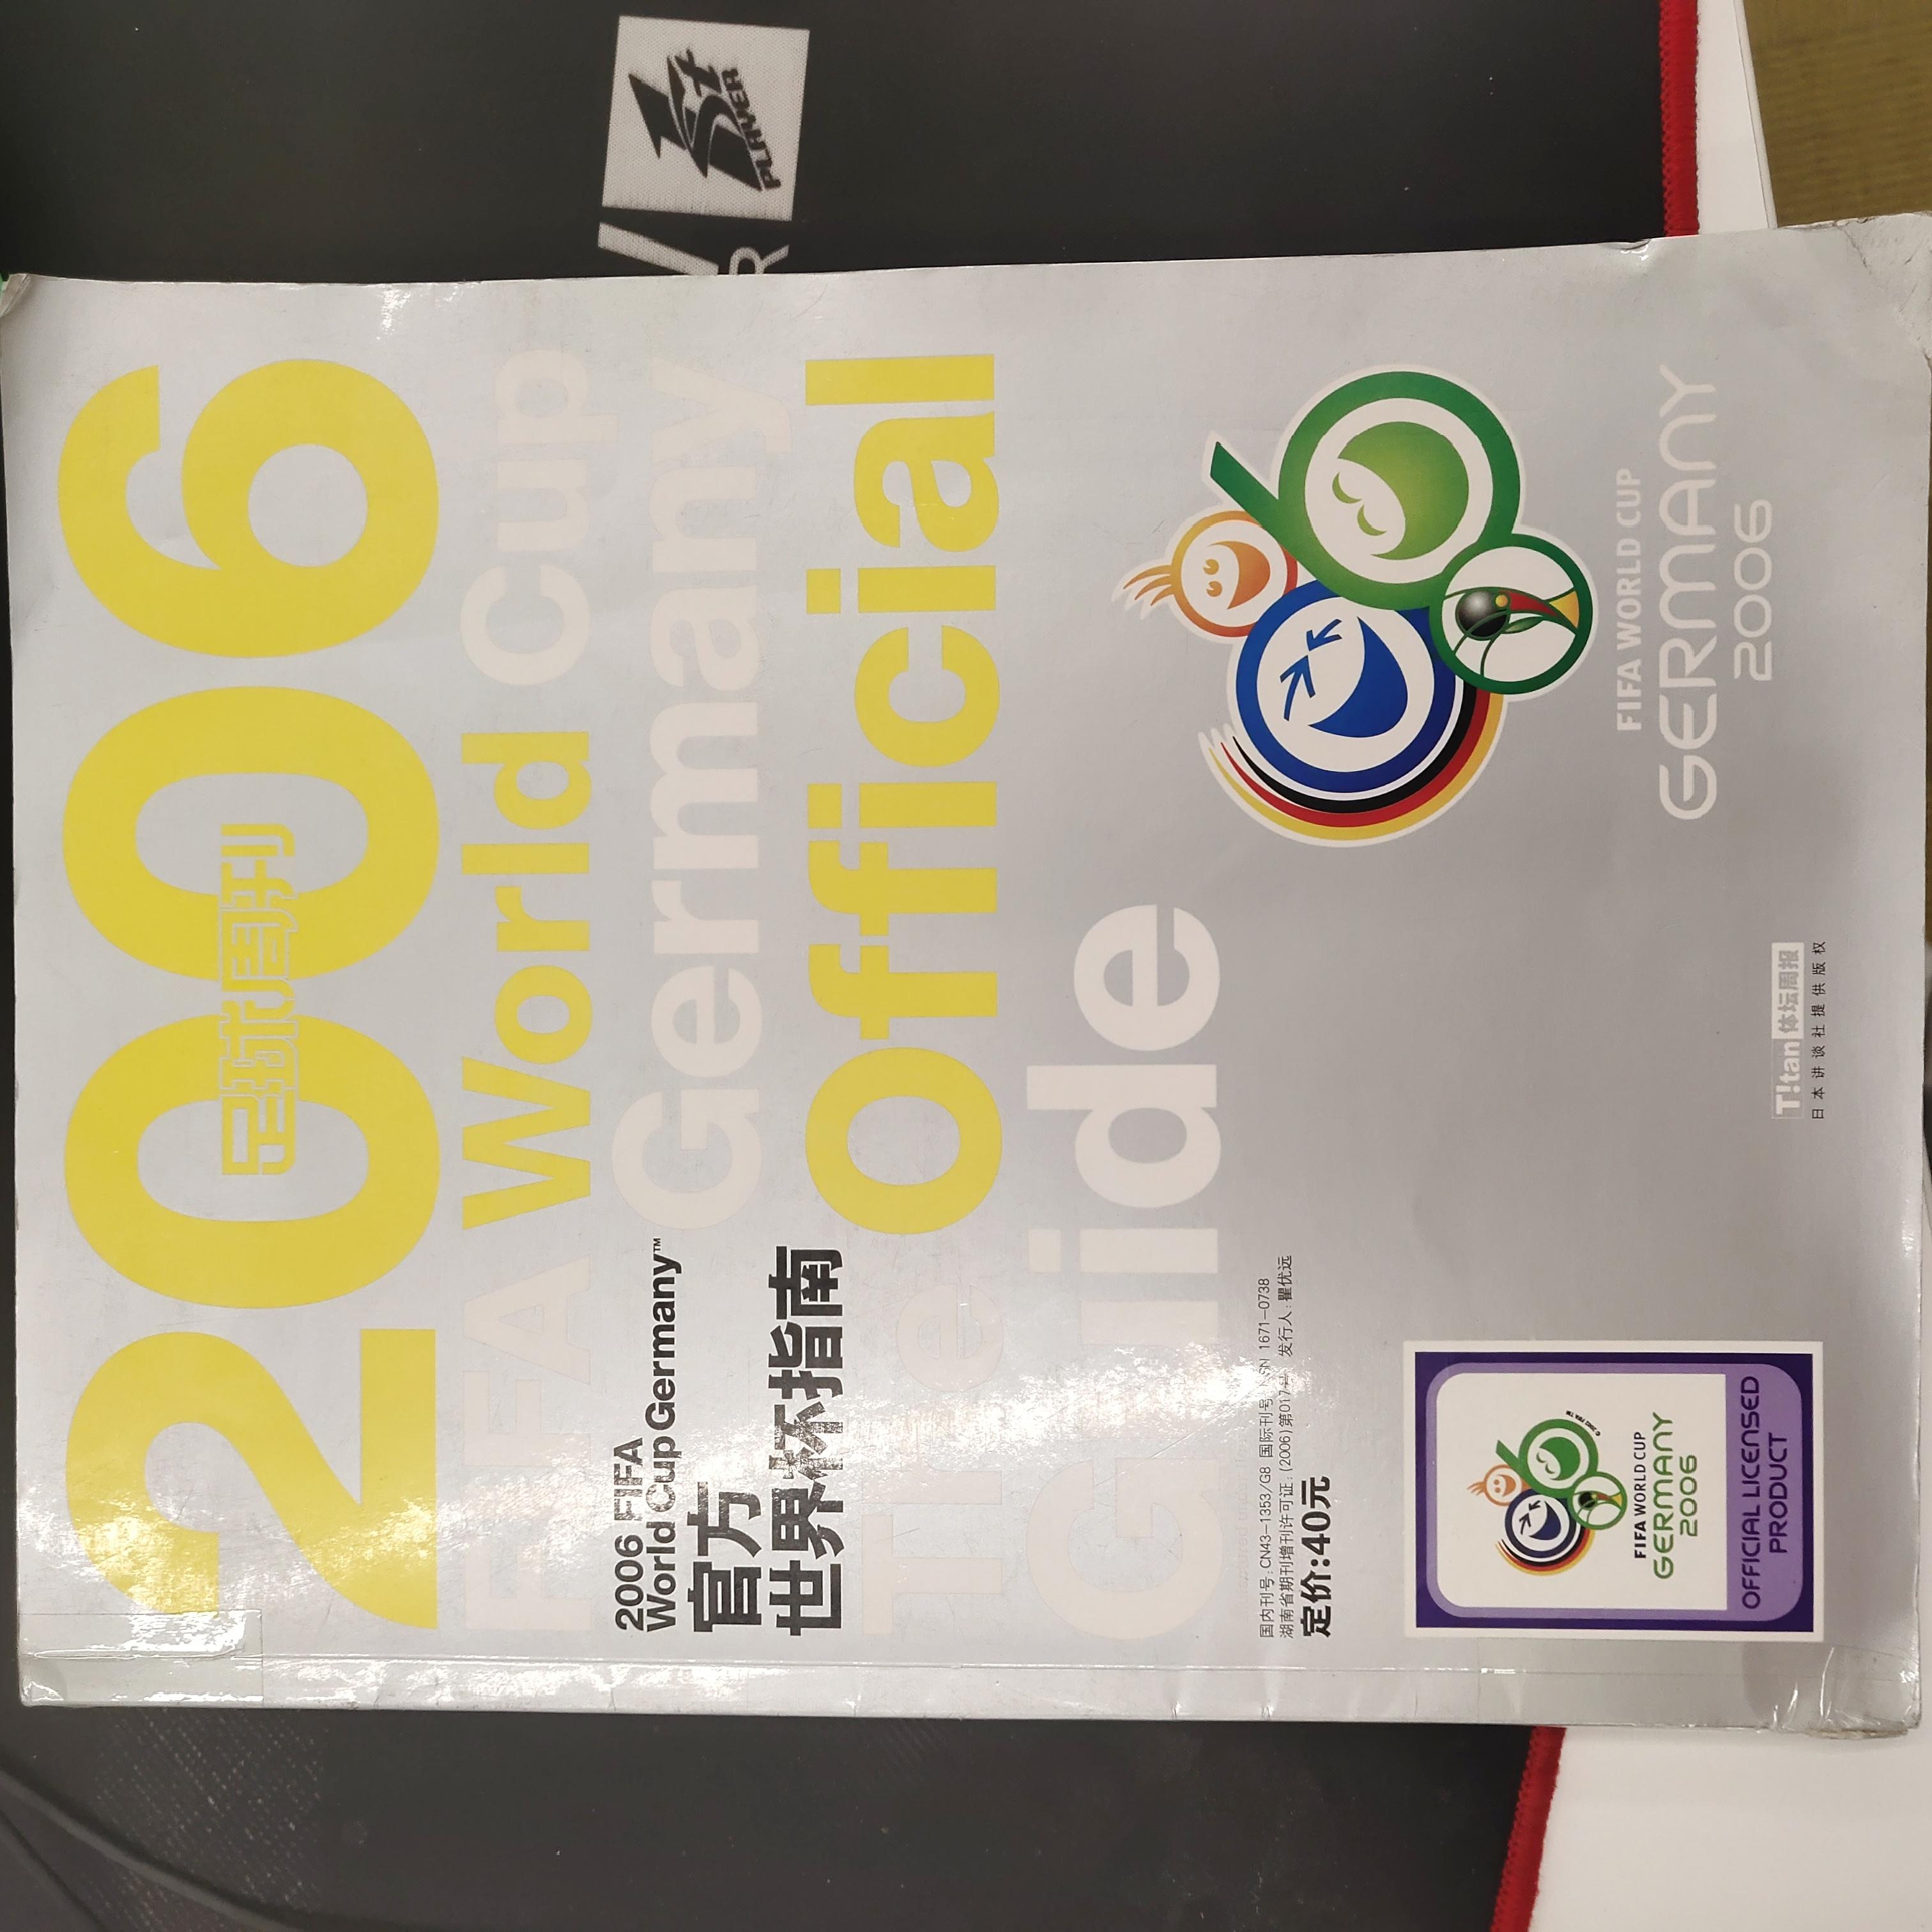 又翻出本06世界杯官方指南,关于梅罗的描述什么水平?  足球话题区